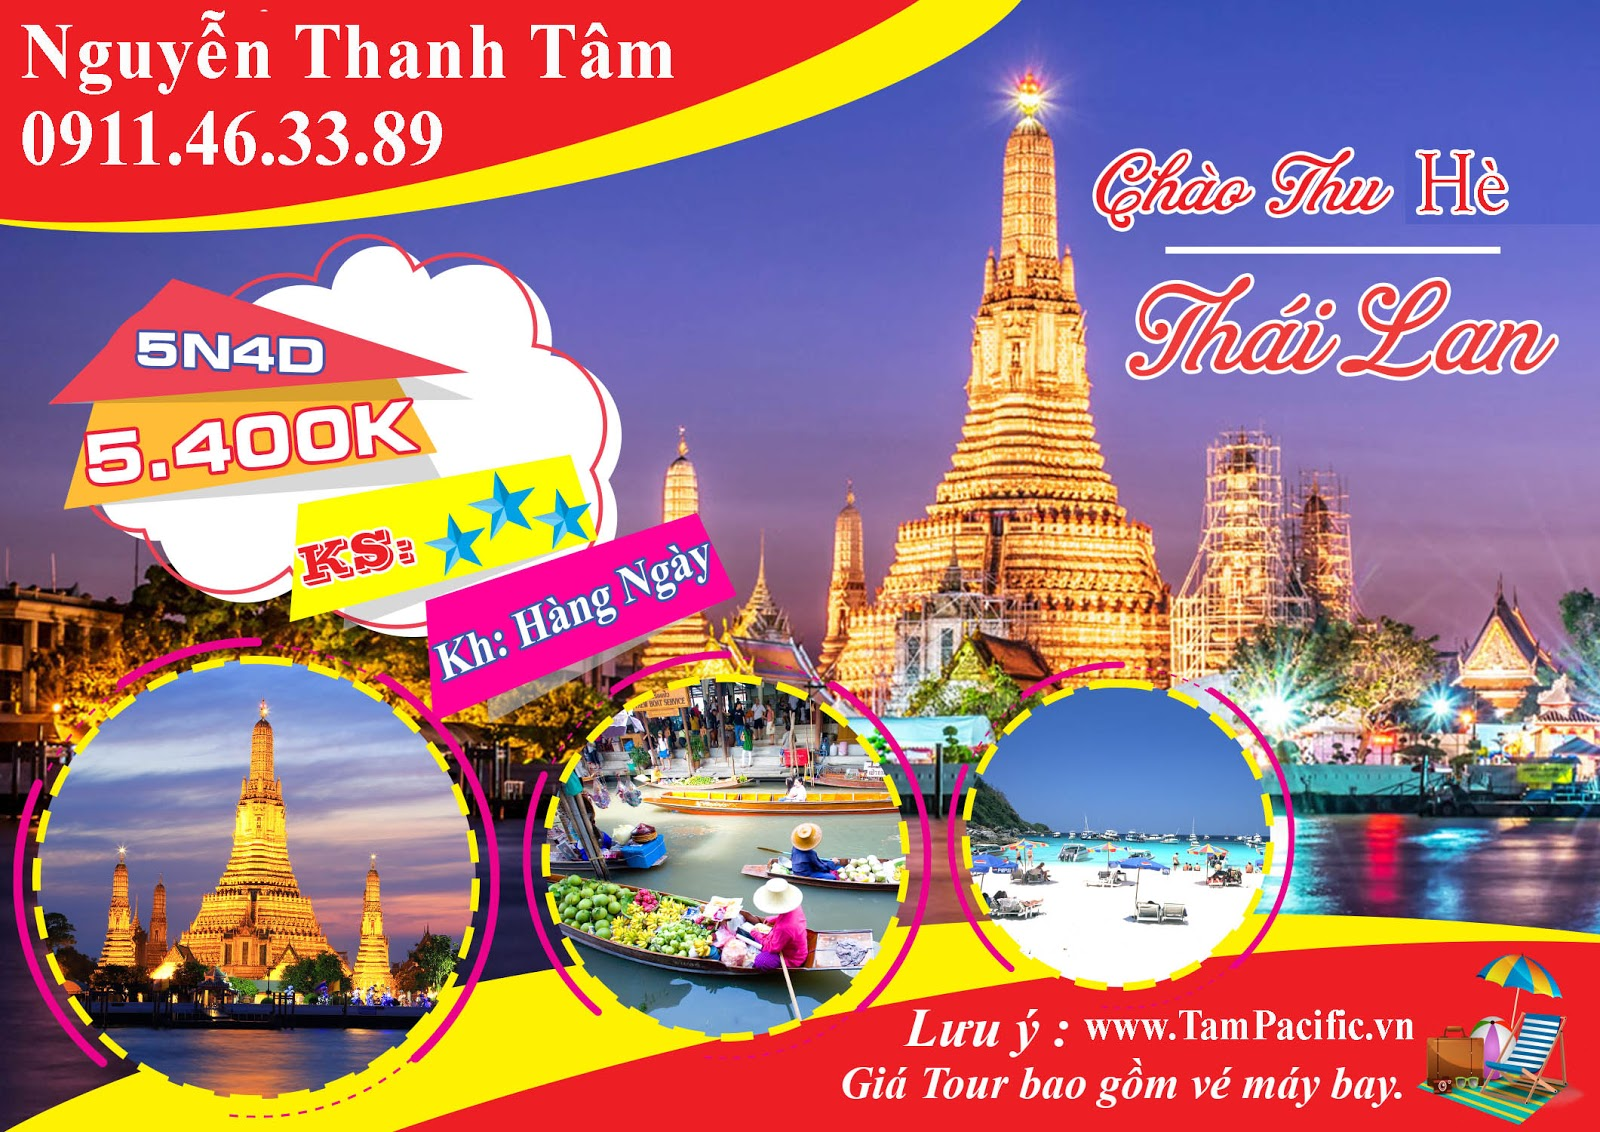 Du lịch Thái Lan mùa hè phương án thích hợp cho gia đình nhỏ